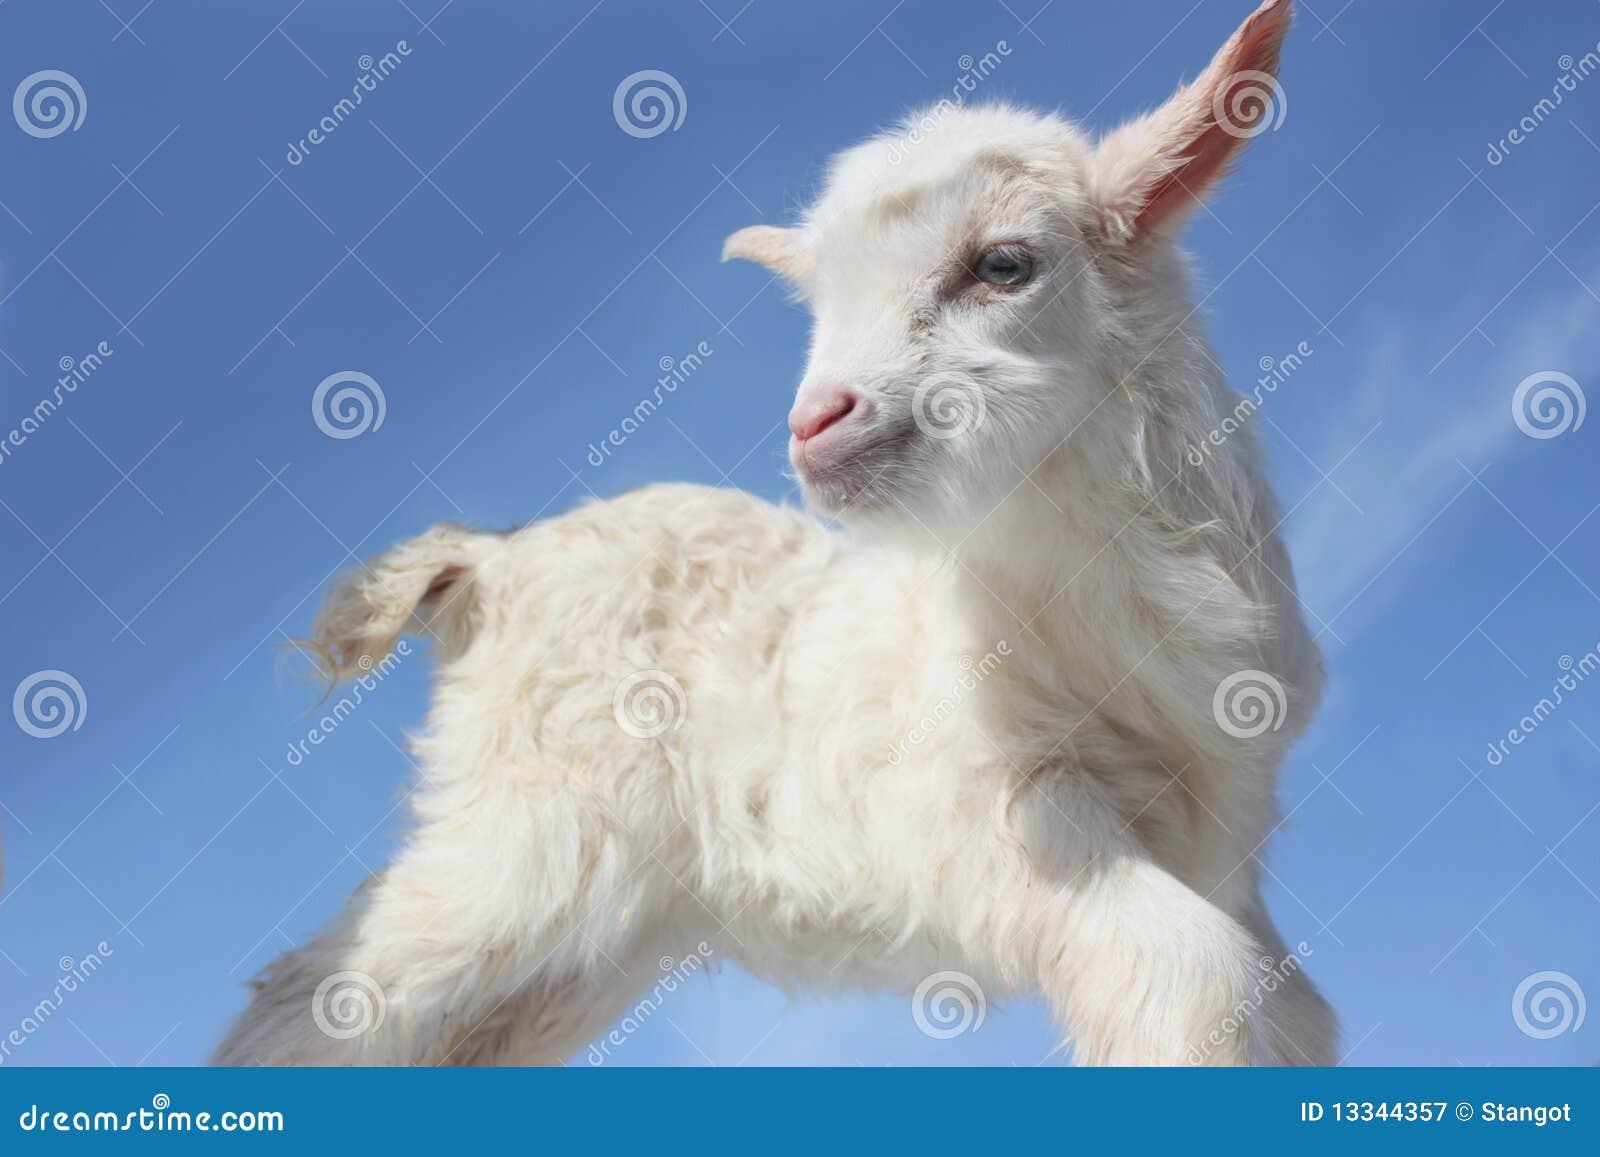 Goat baby